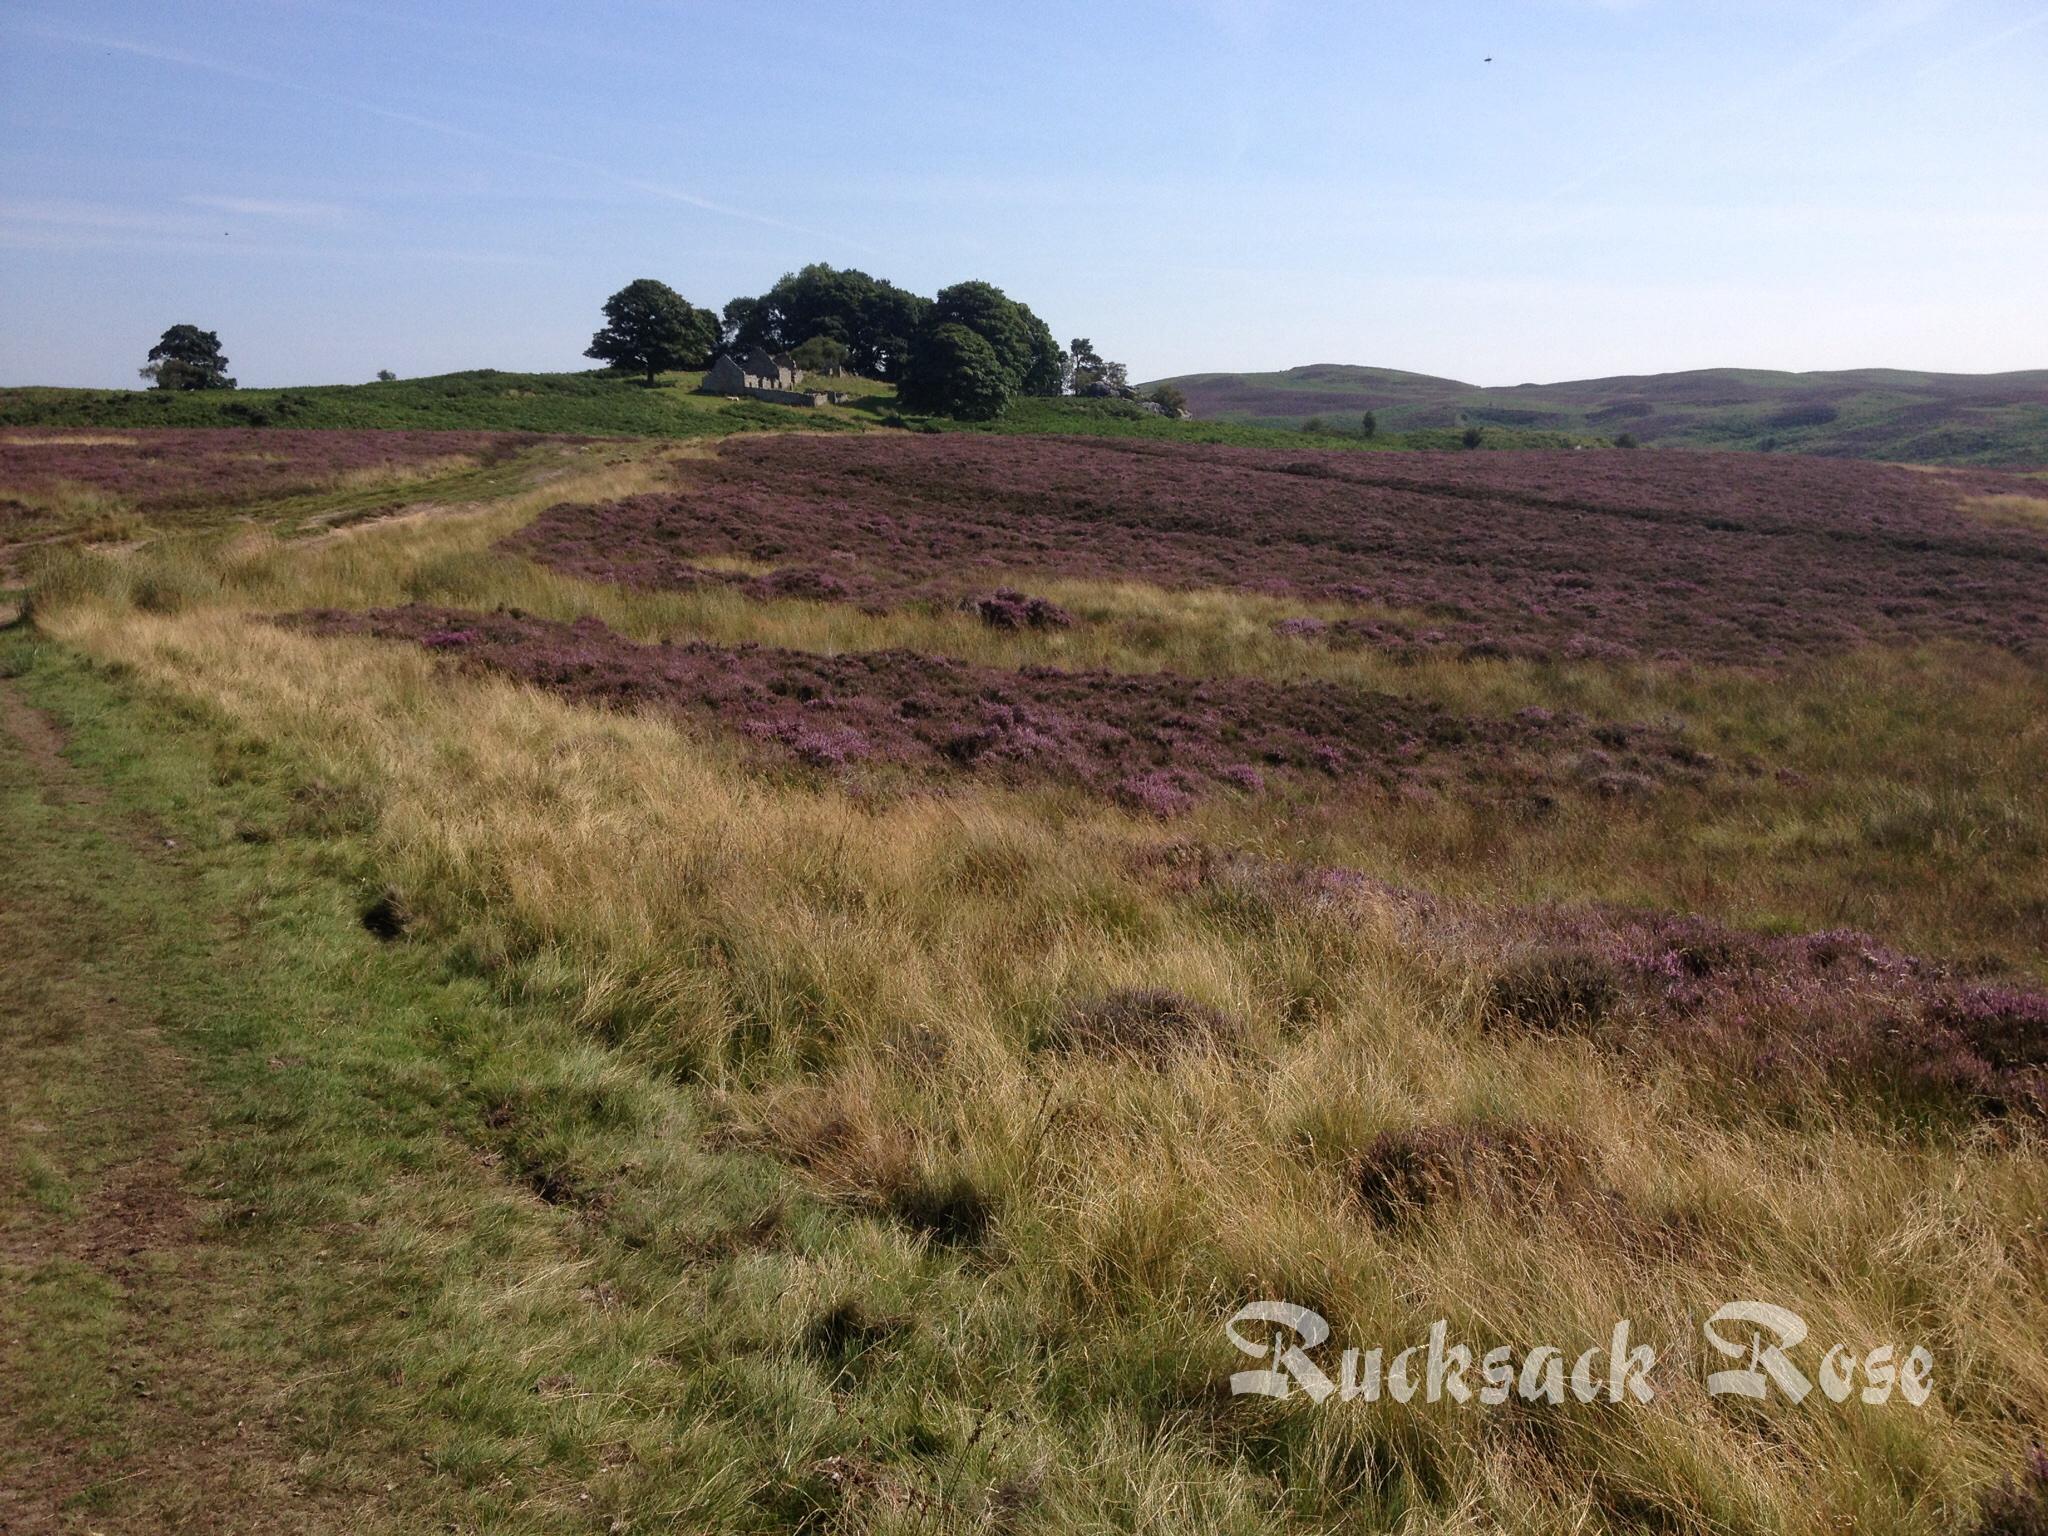 Track towards Blawearie